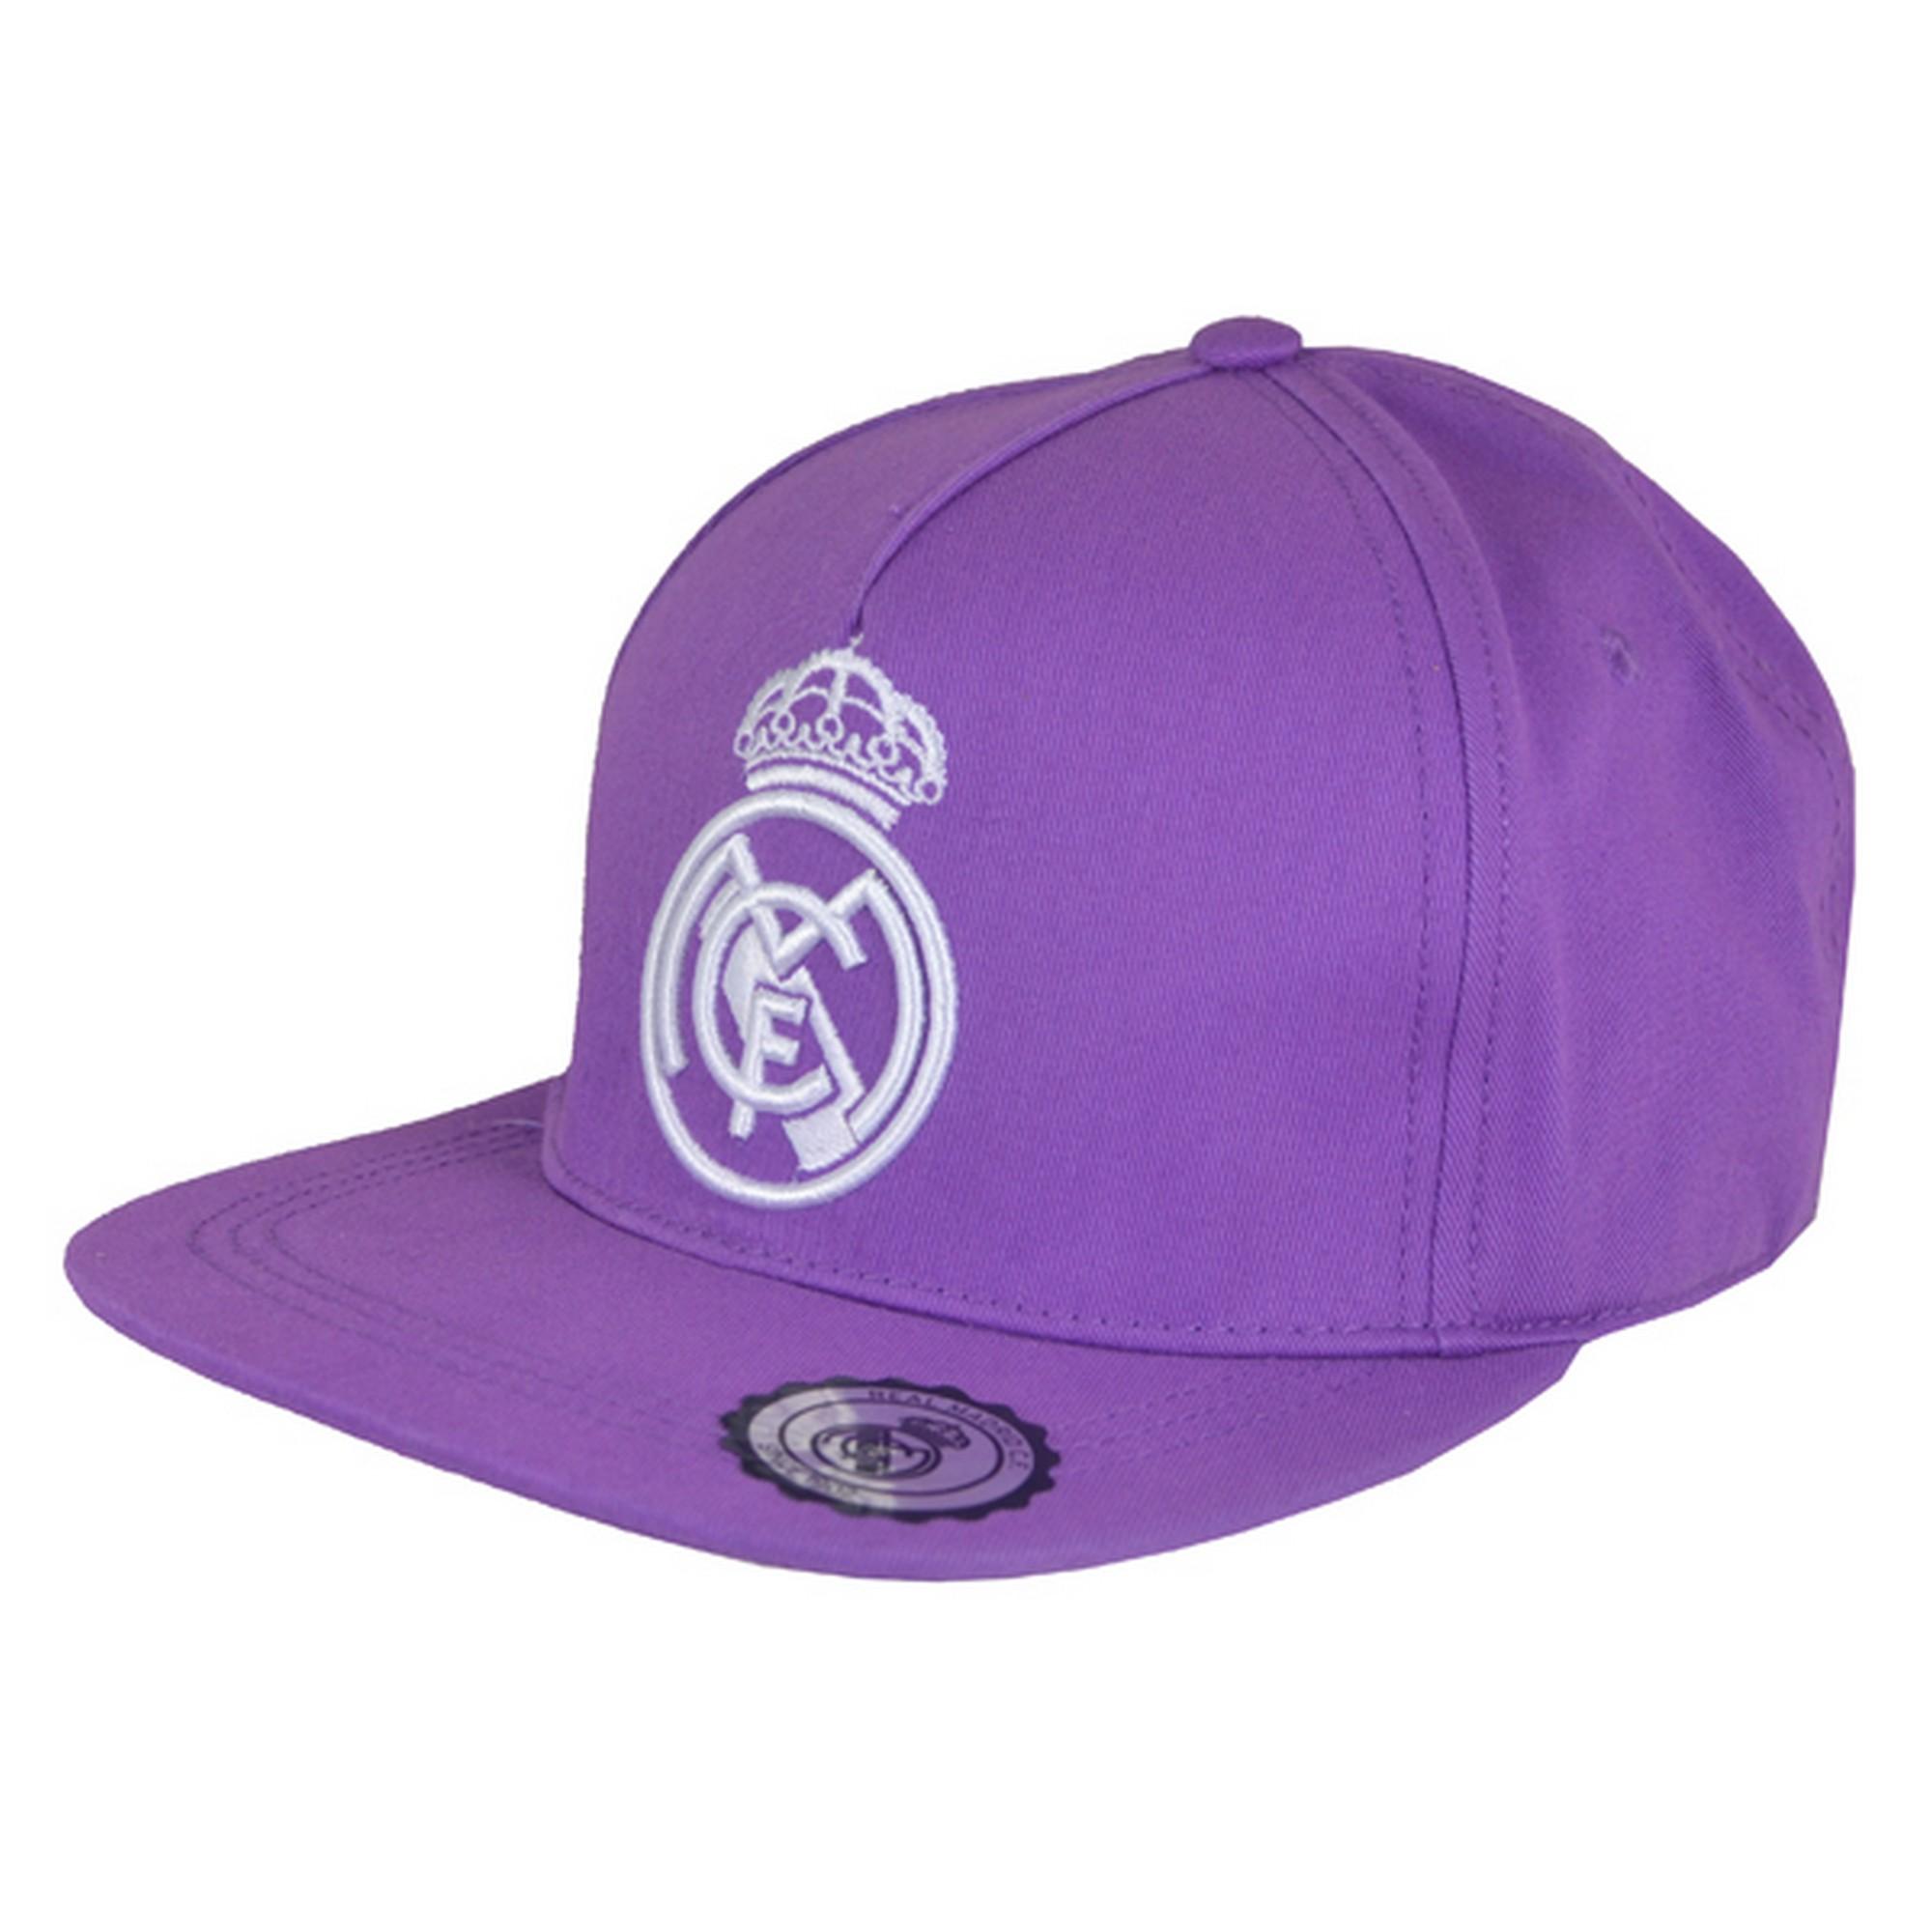 Real Madrid CF Official Snapback Cap (SG15642) 5059000039089  ecf515a4121